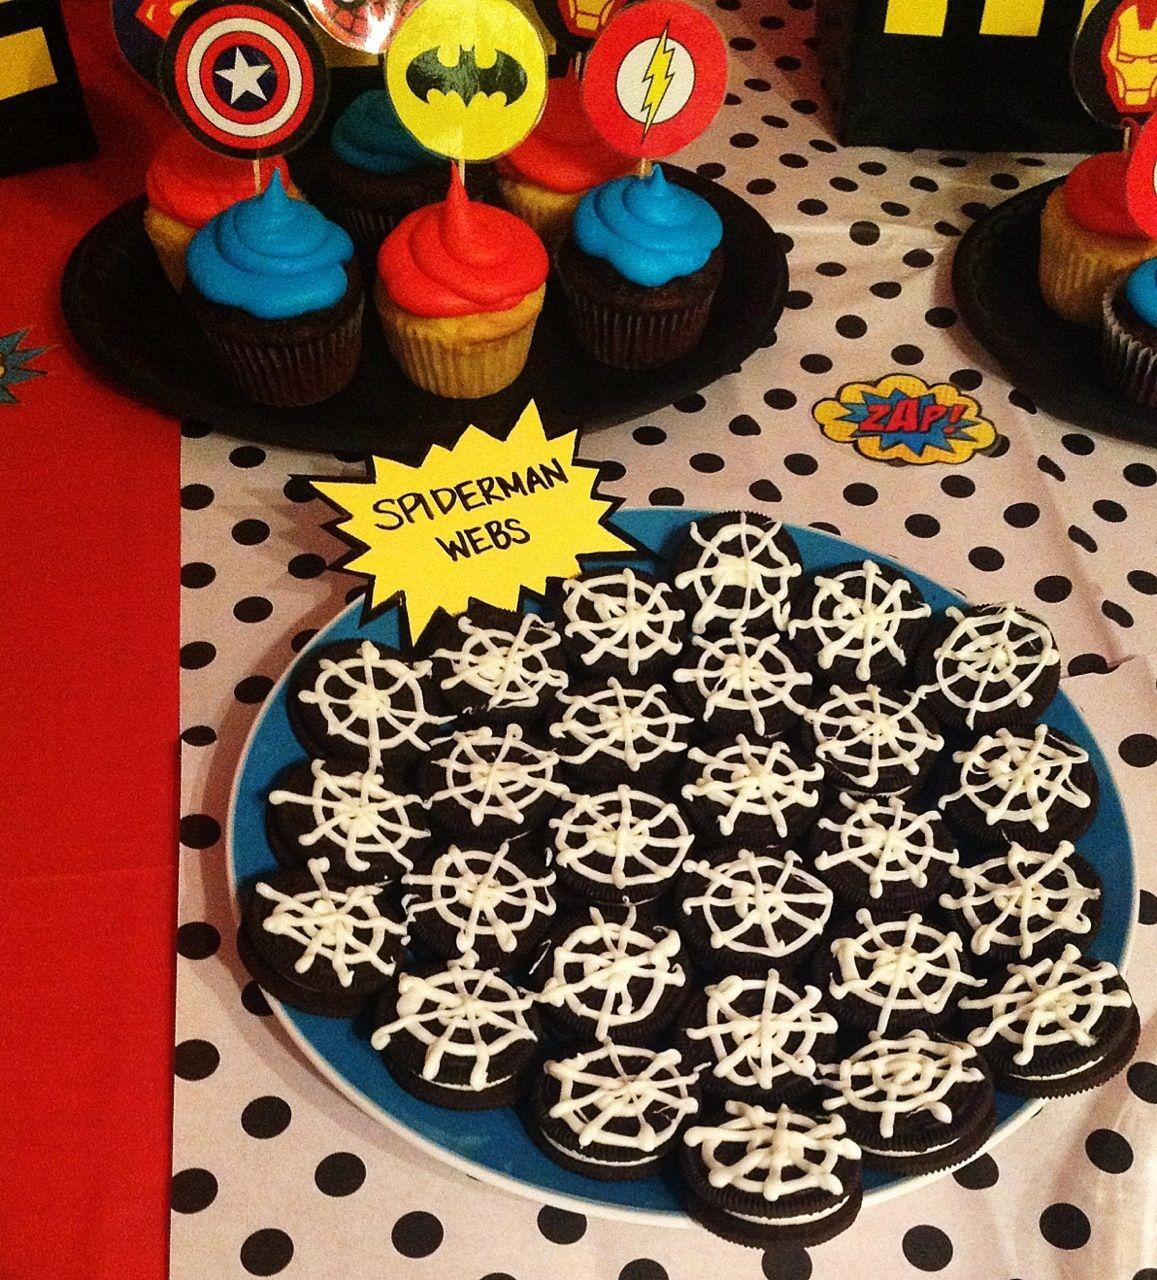 superhero party food ideas essen pinterest geburtstagsparty geburtstagsfeier und party. Black Bedroom Furniture Sets. Home Design Ideas